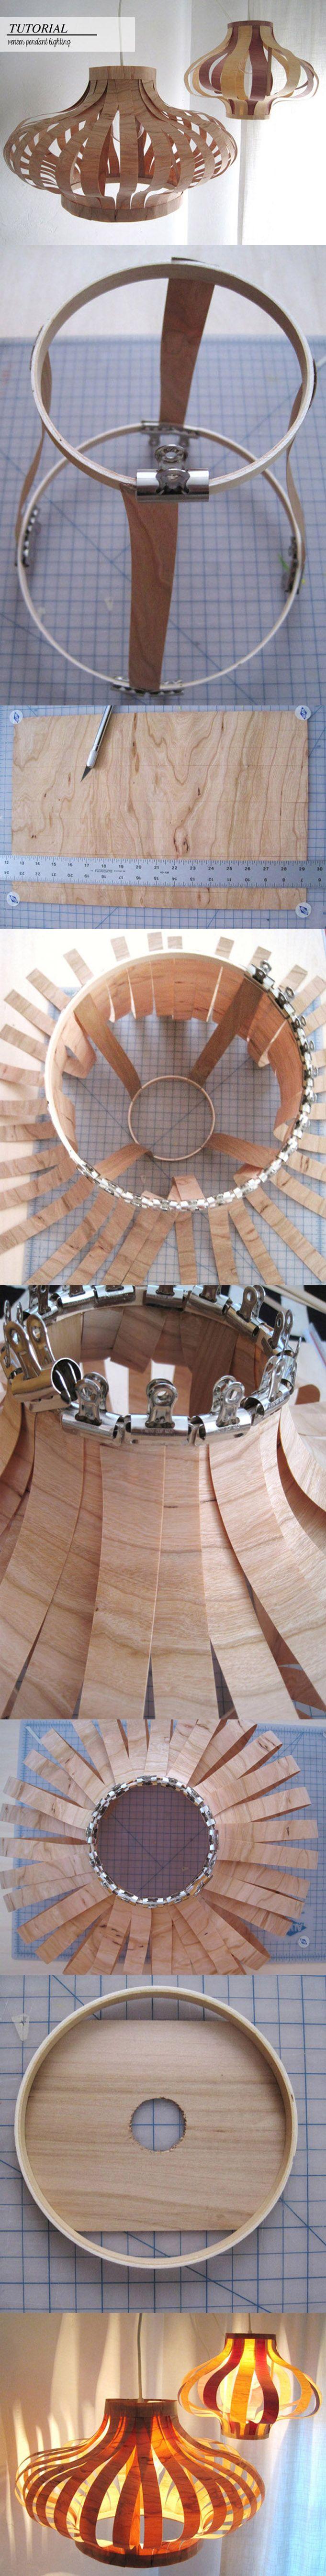 Lámpara DIY con chapa de madera